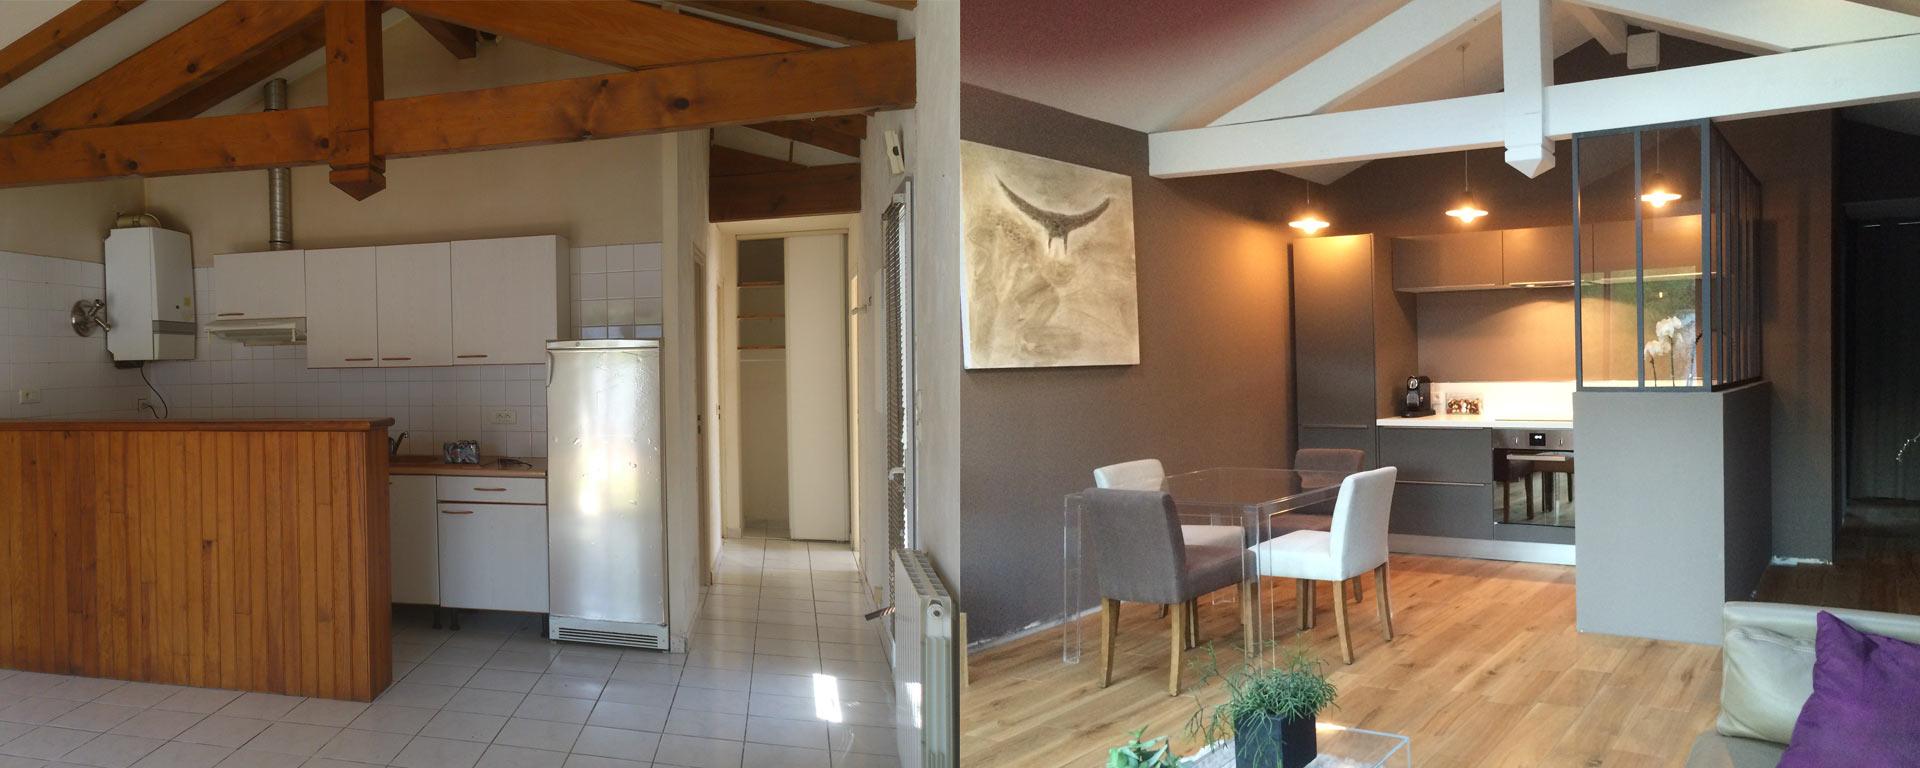 Home Staging Photos Avant Après relooking et home staging par un architecte d'intérieur parisien